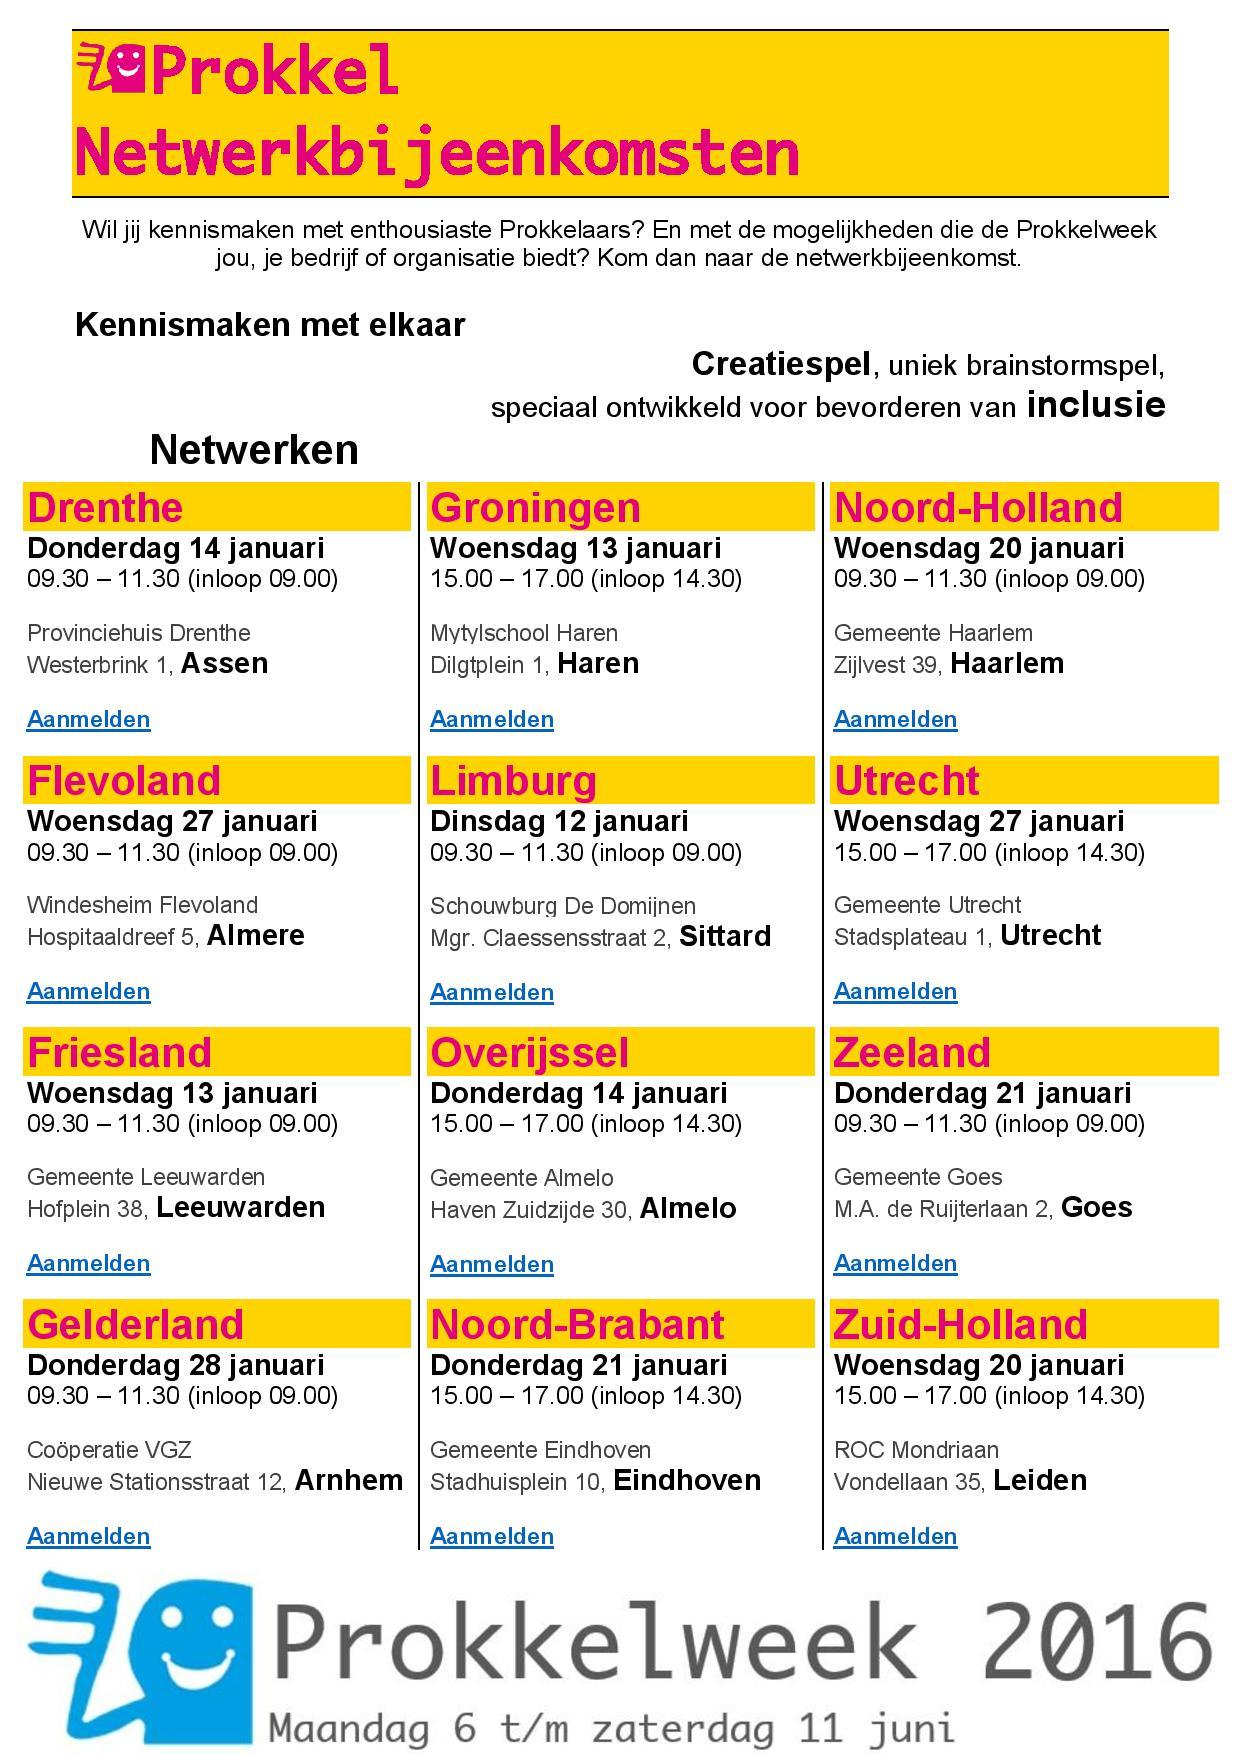 Data Netwerkbijeenkomsten Algemeen-page-001 (1)